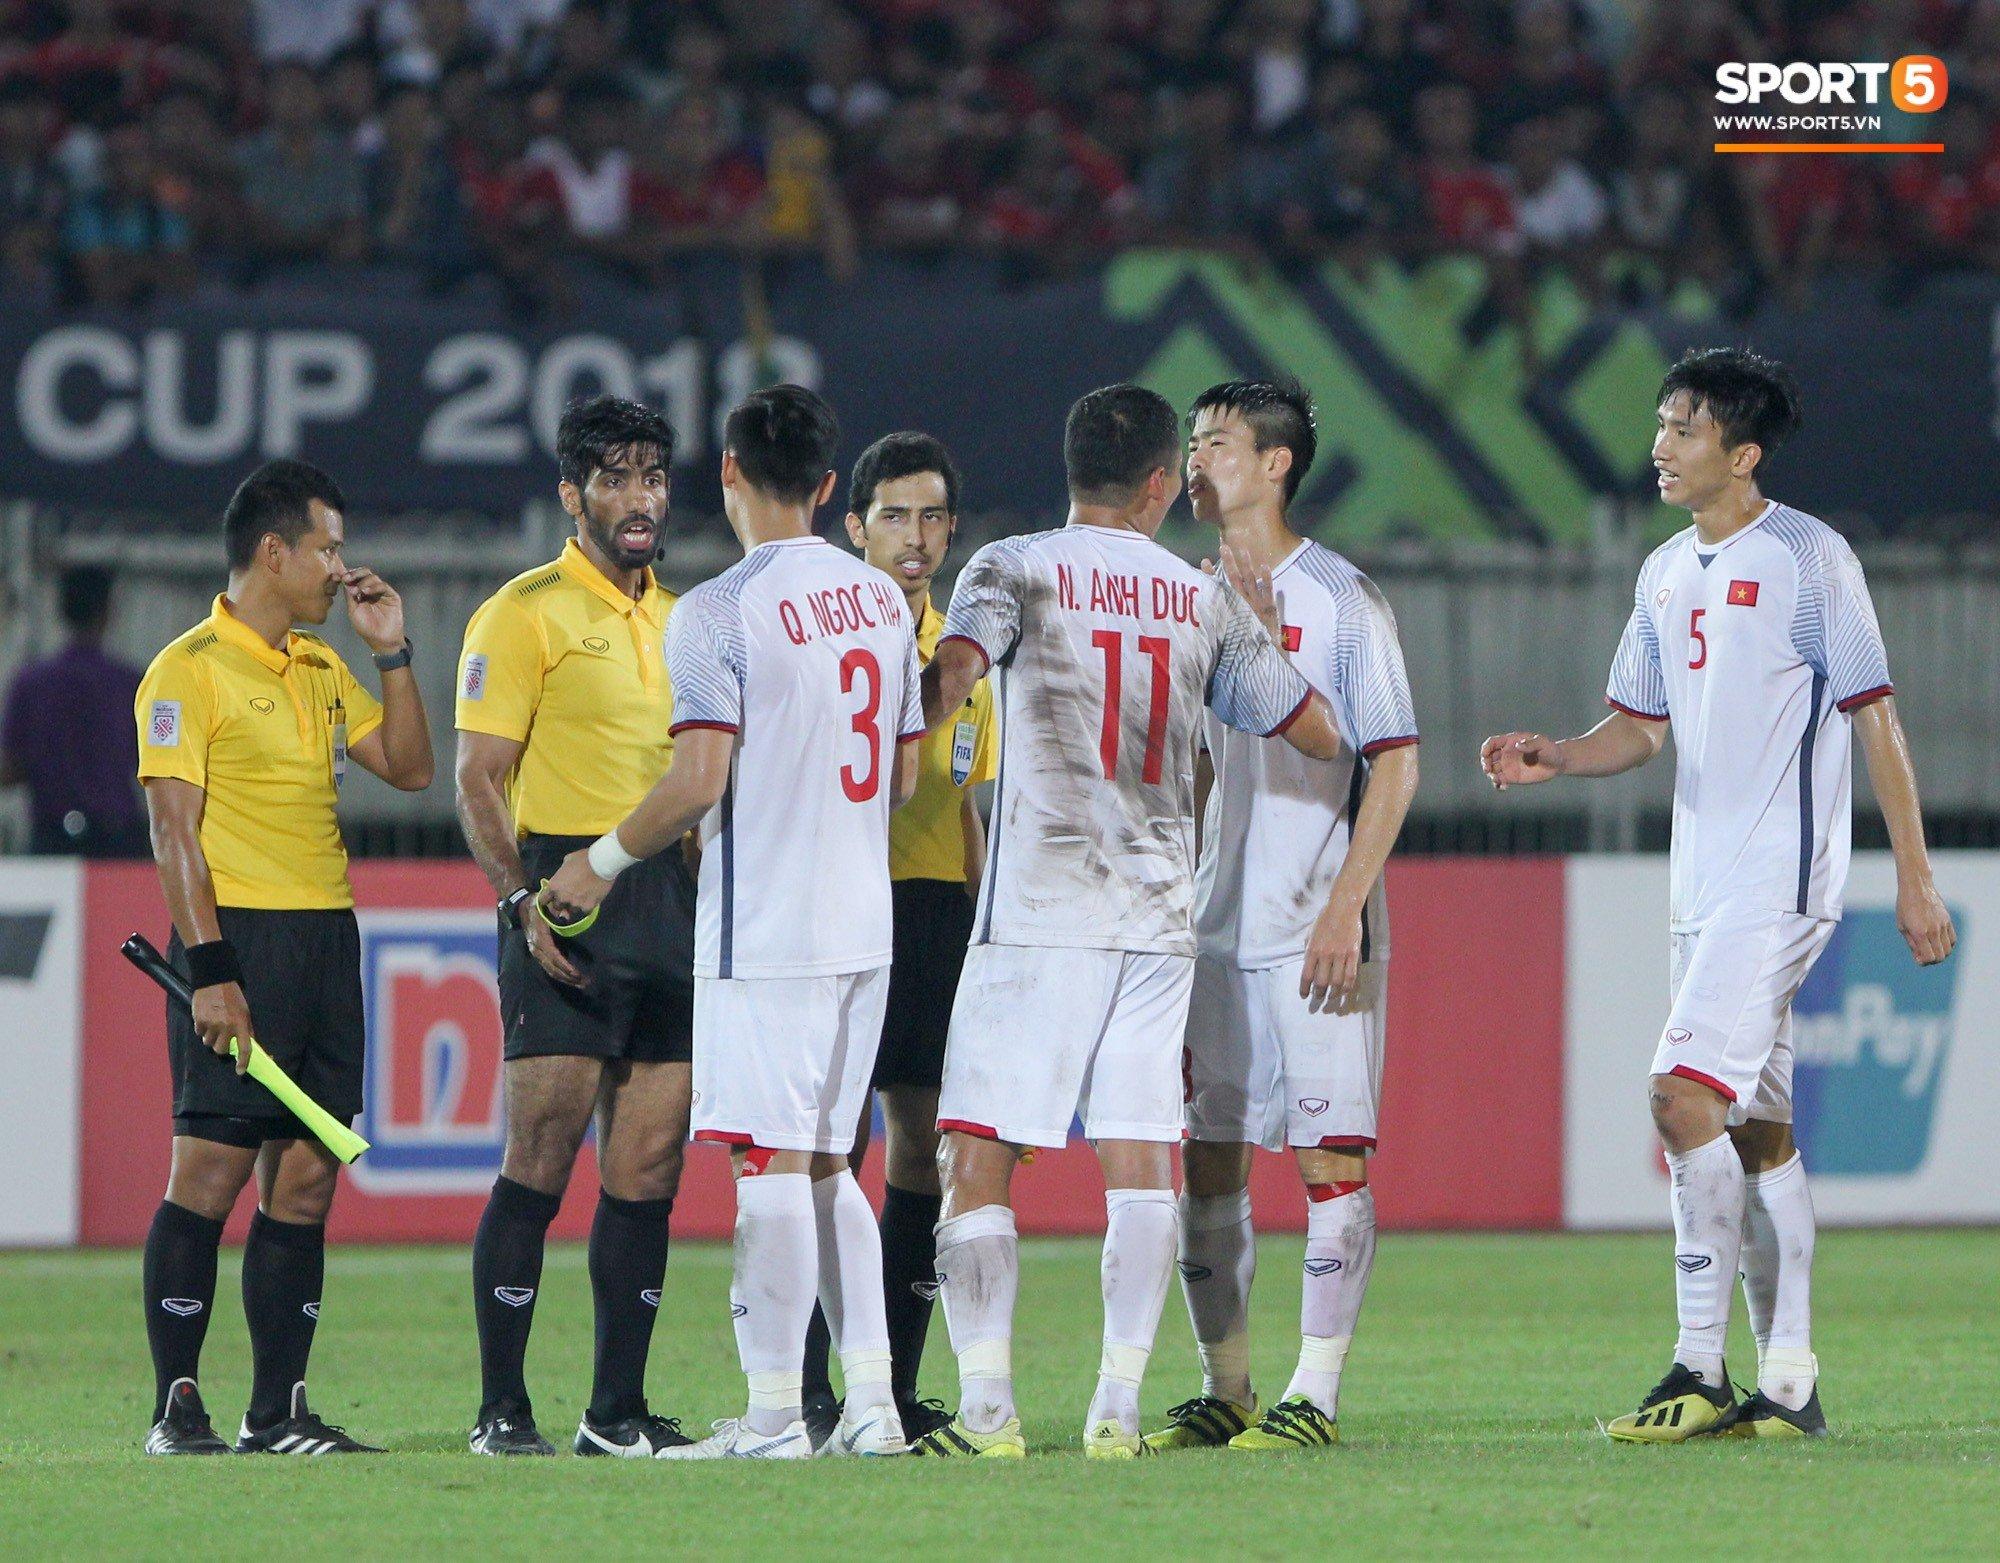 Đoàn Văn Hậu bất mãn, chỉ thẳng mặt trọng tài chính trận Myanmar vs Việt Nam 9